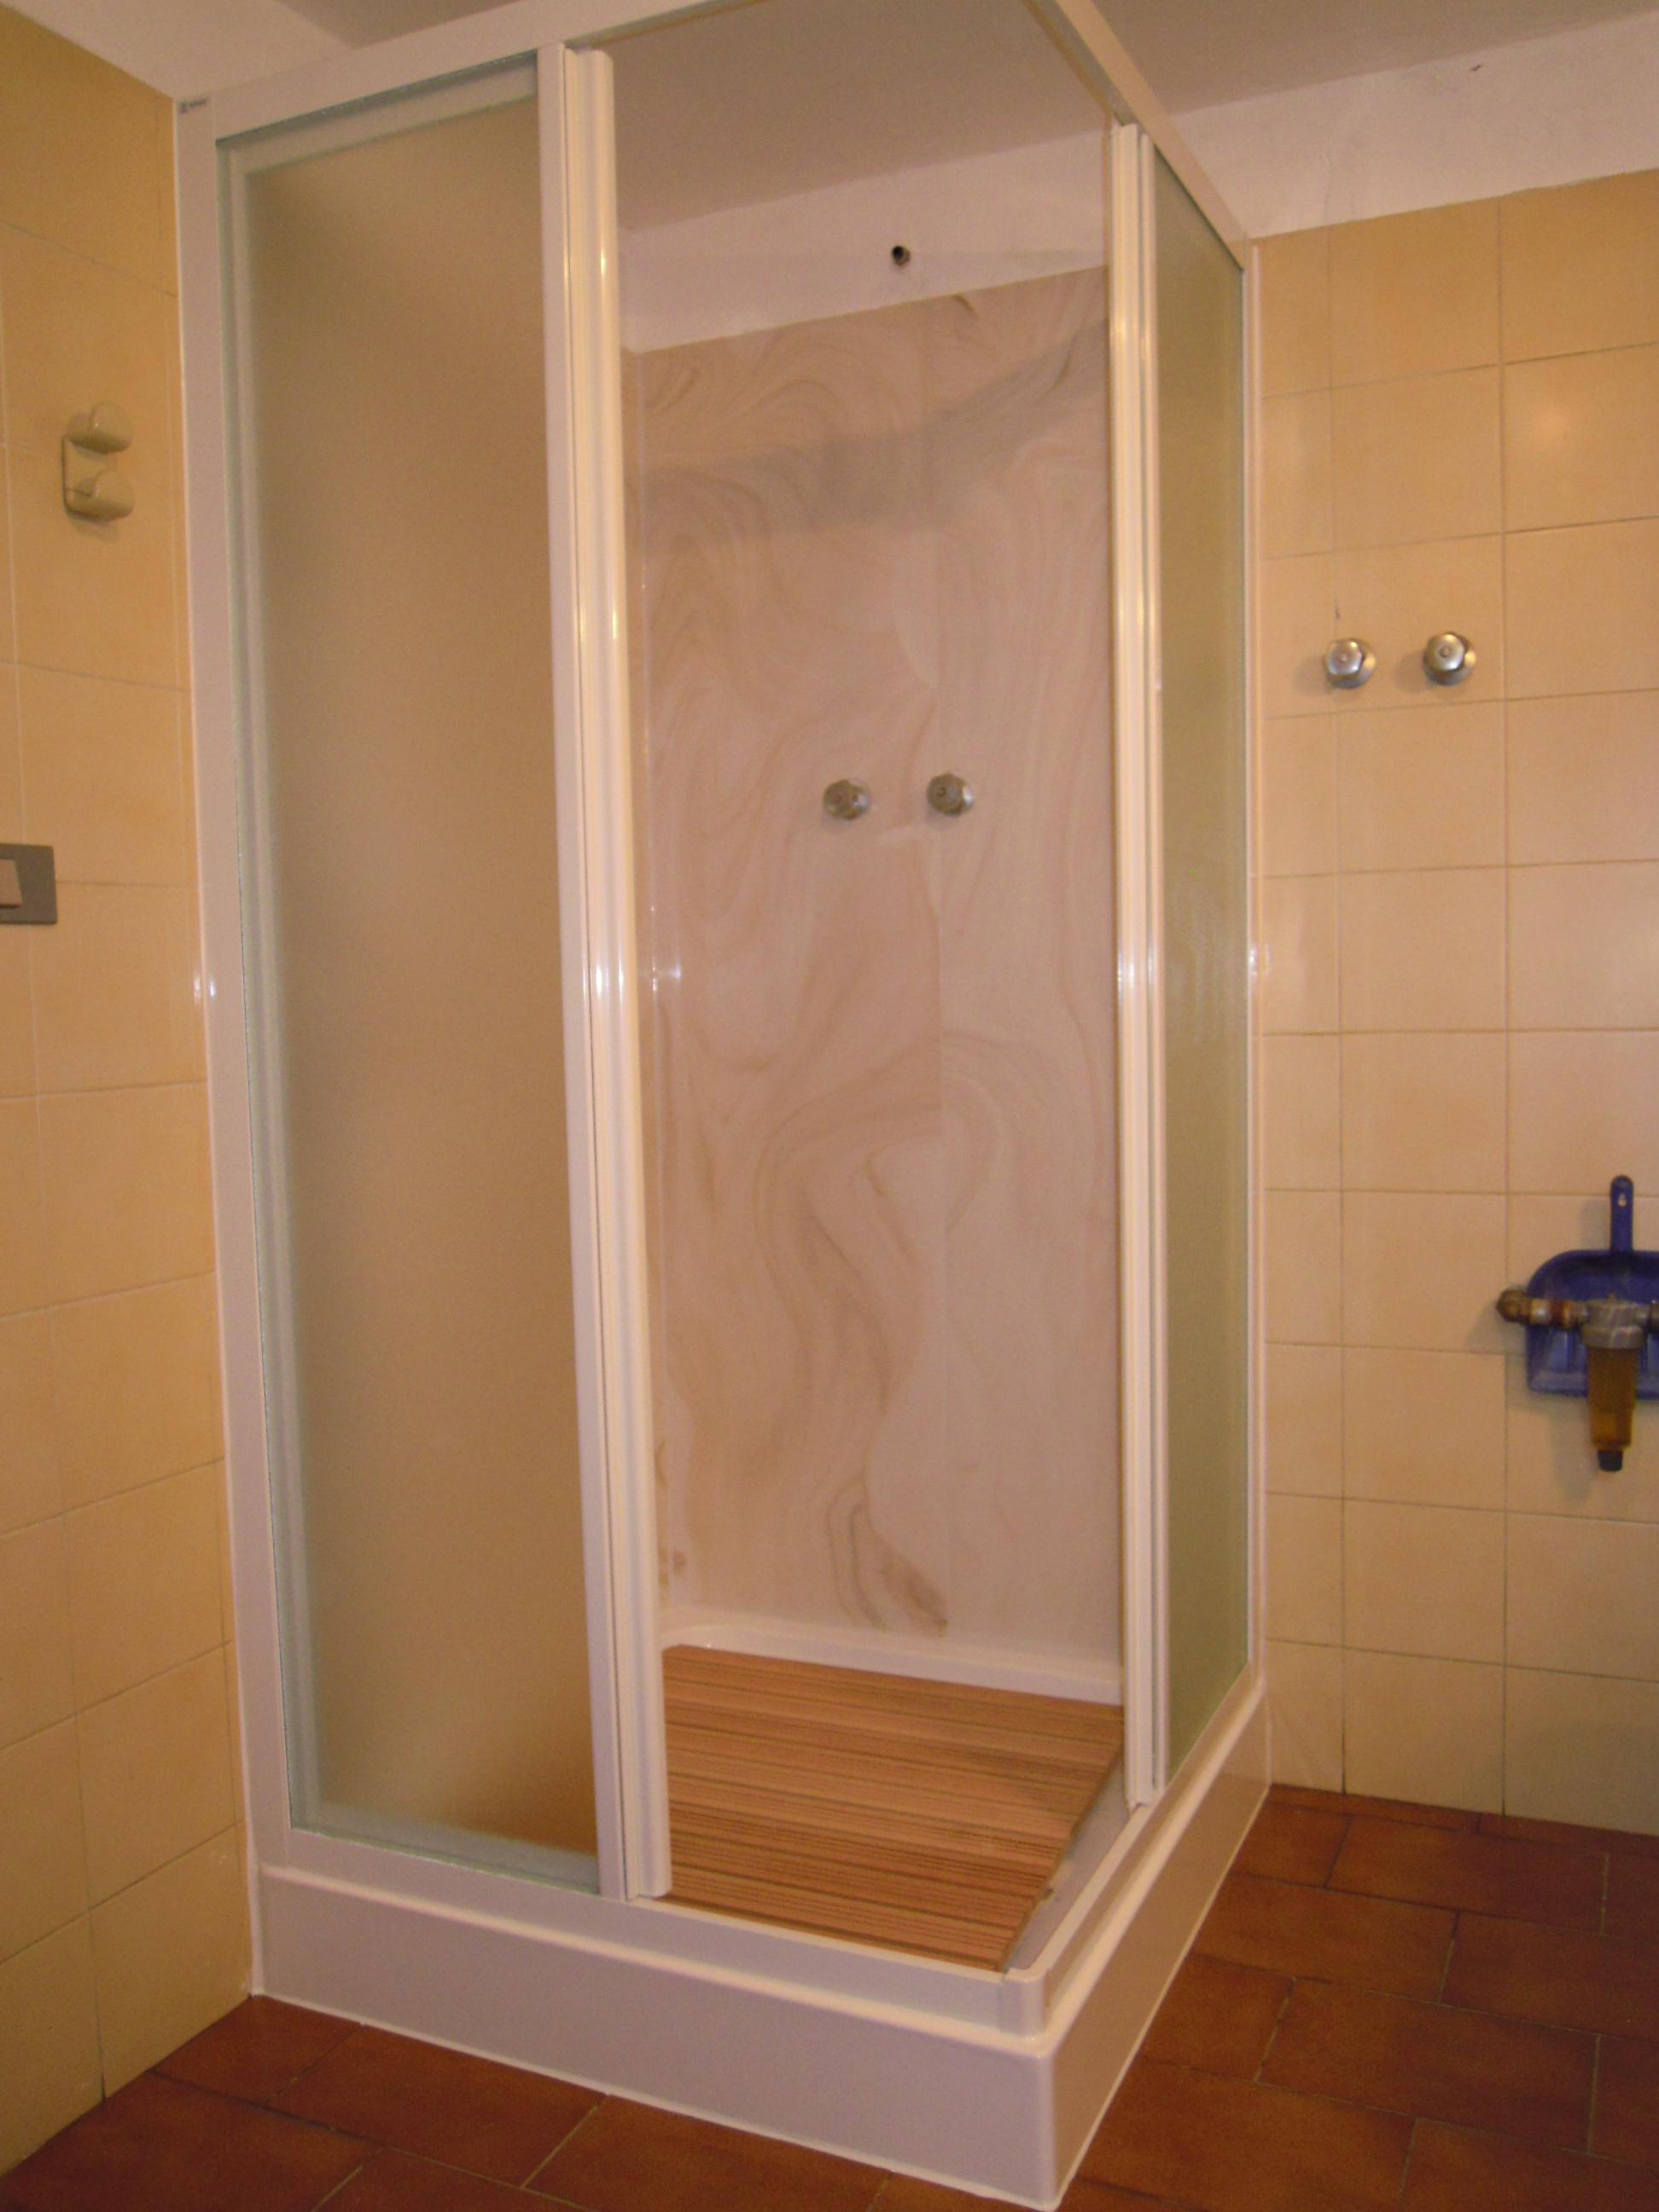 Trasformazione vasca in doccia milano tel 800968995 sostituzione piatto doccia senza rompere - Posa piatto doccia prima o dopo piastrelle ...